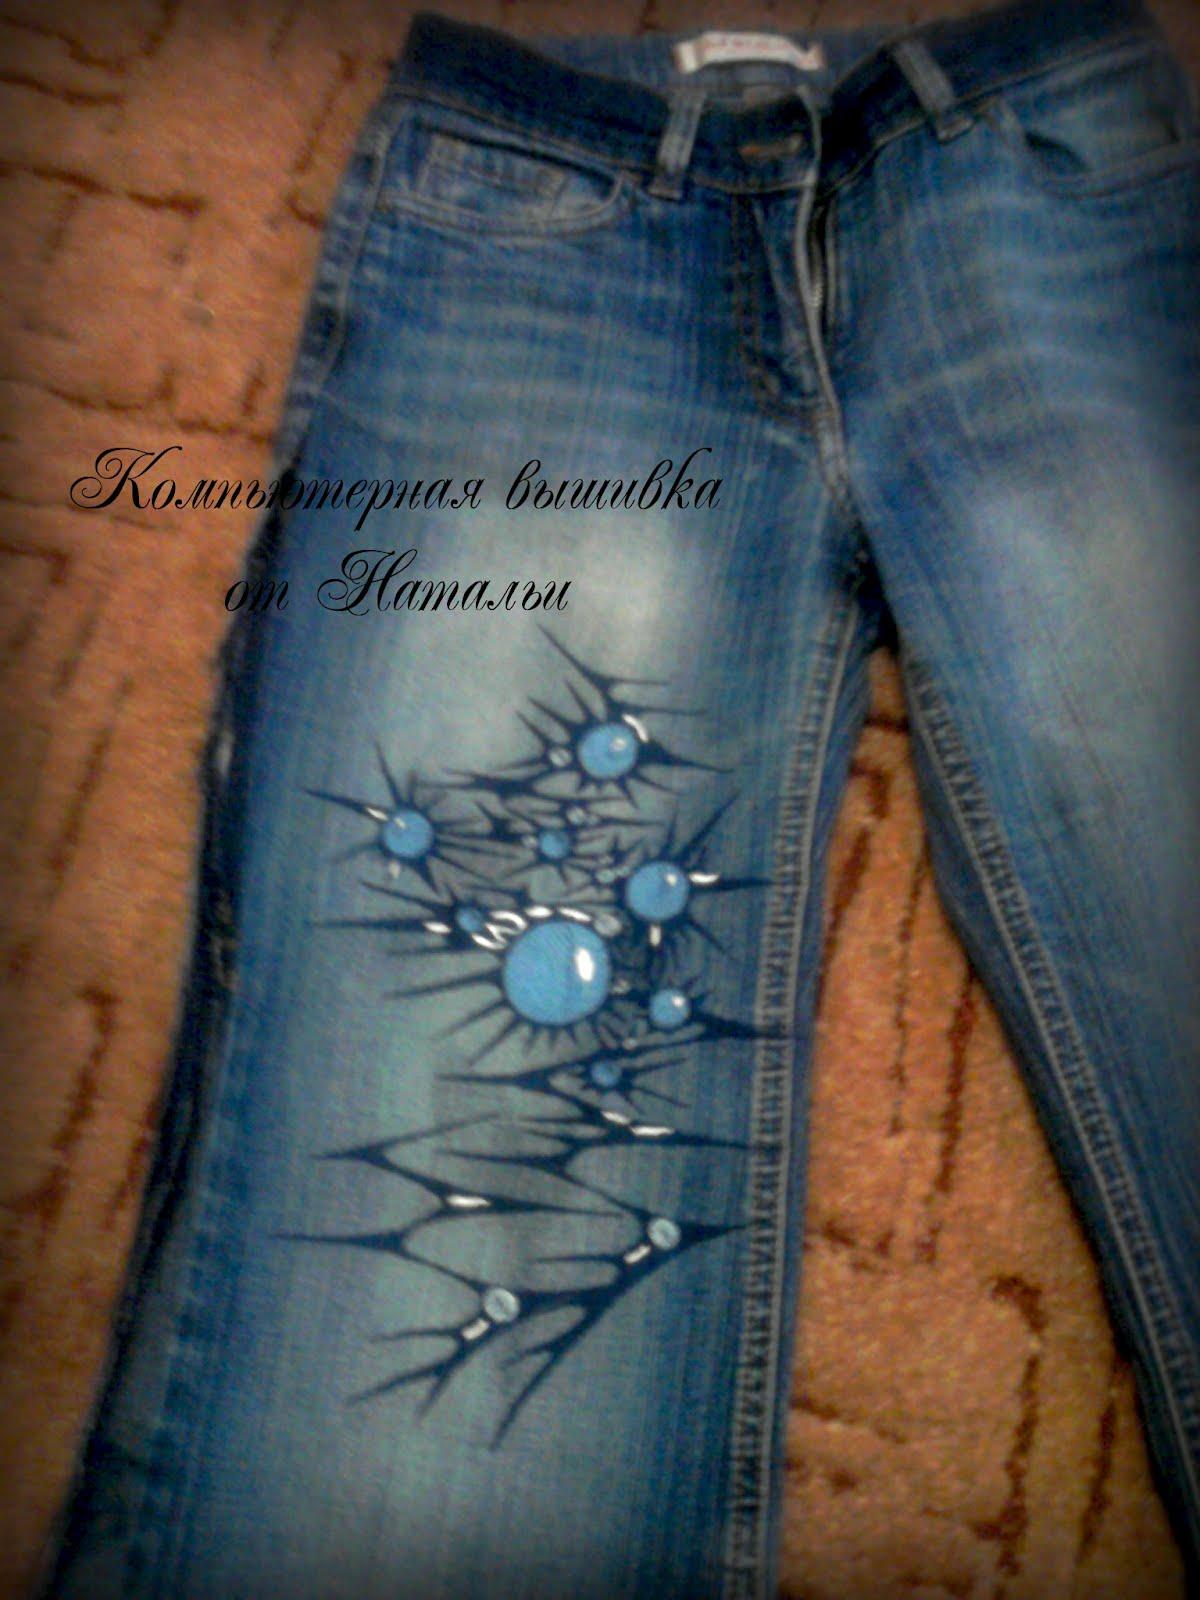 Как зашить джинсы на коленке своими руками